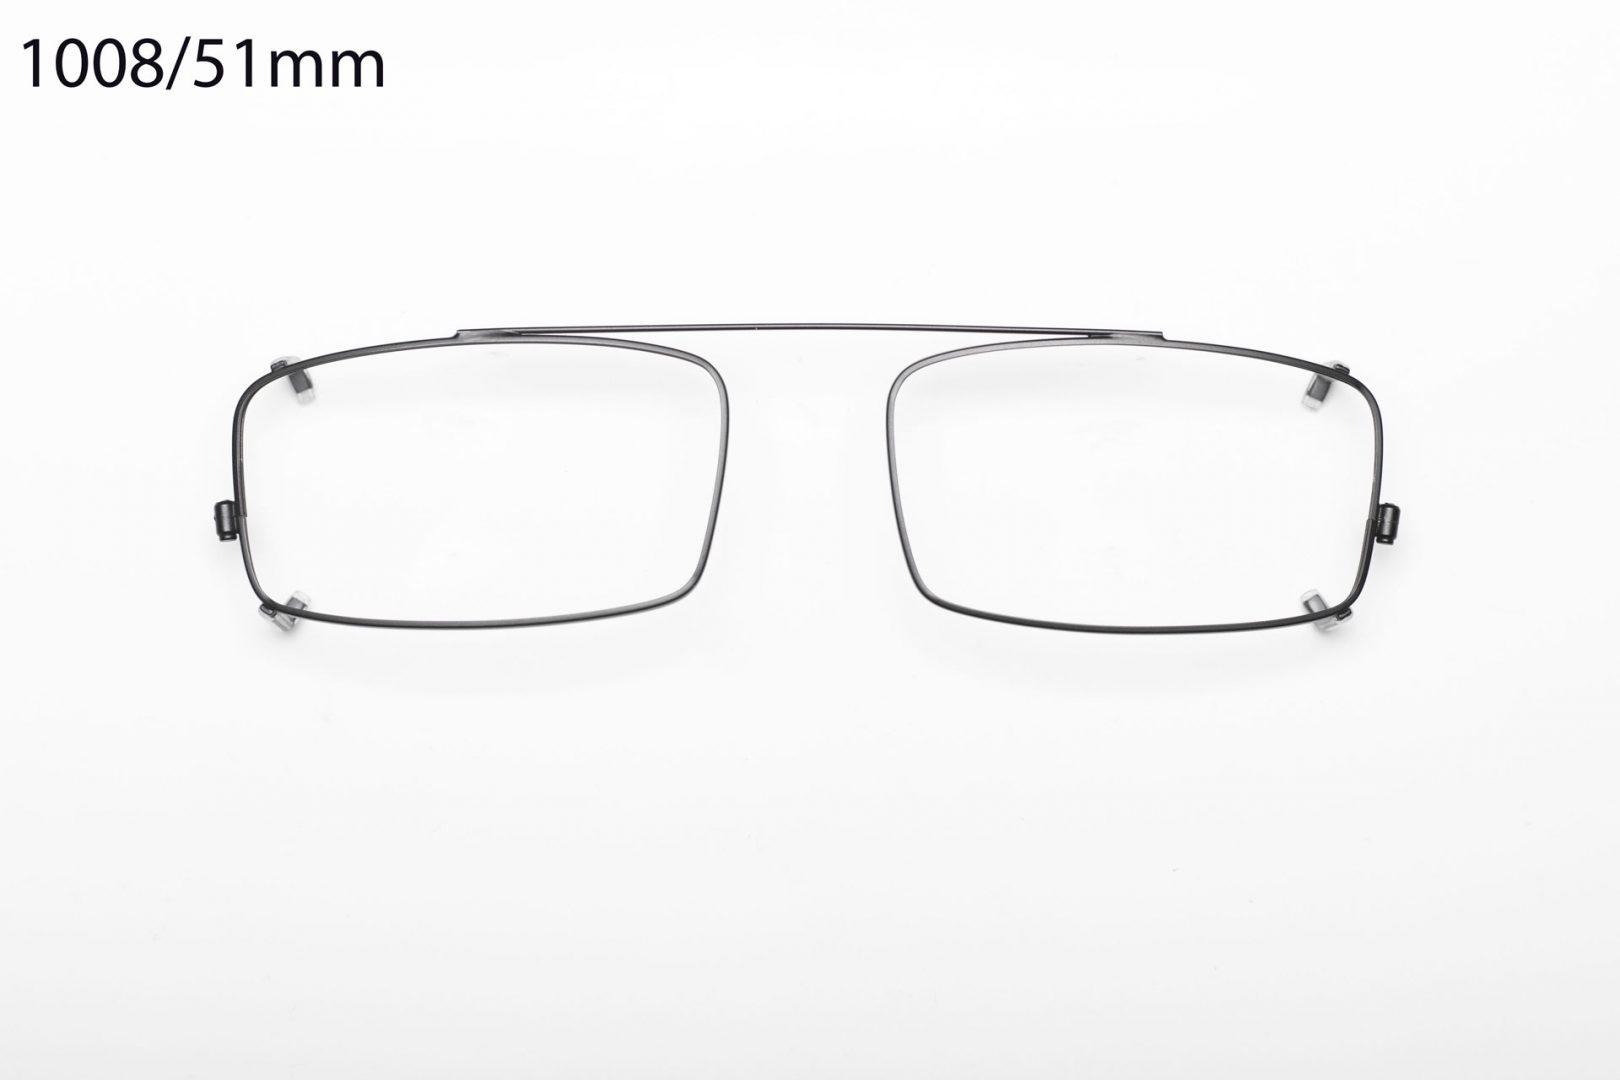 Modèle A26-100851mm